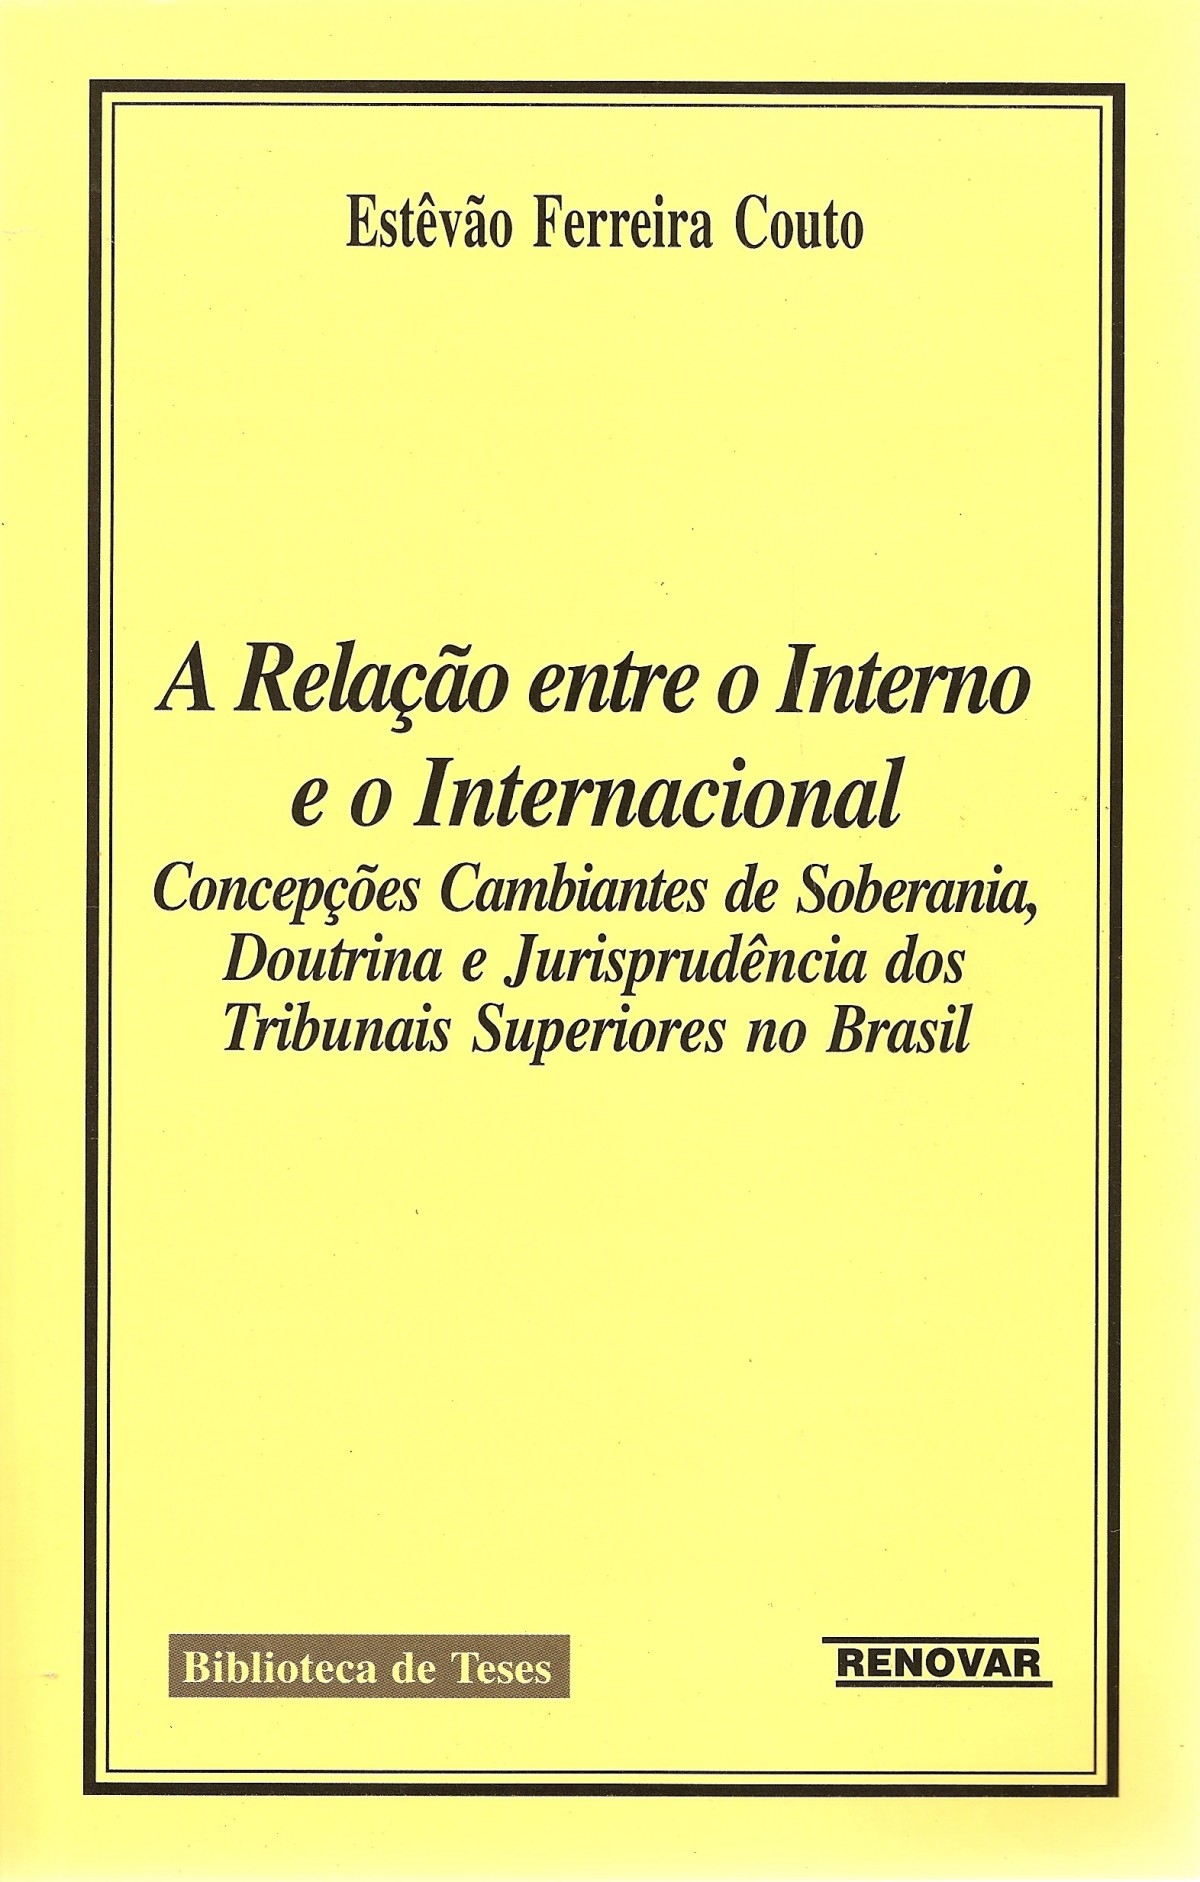 Foto 1 - A Relação entre o Interno e o Internacional